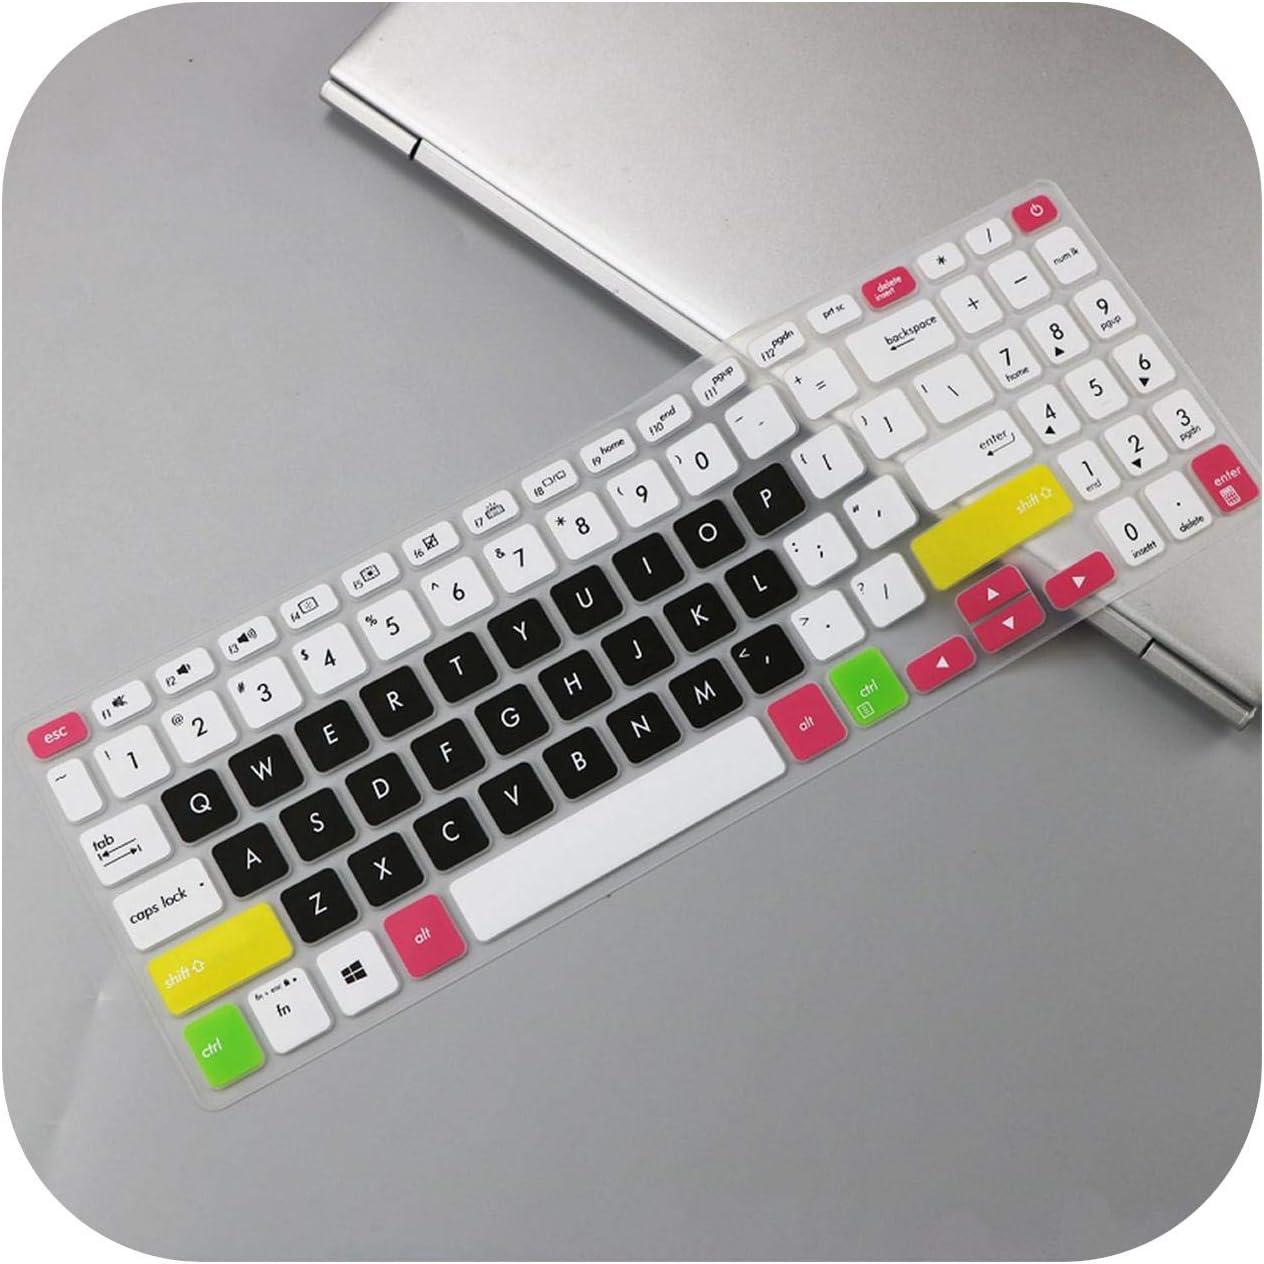 Housse De Protection en Silicone pour Clavier pour ASUS Vivobook 15 A512Fb A512F A512Fl A512 FL FB 15.6 Pouces-Candyblue